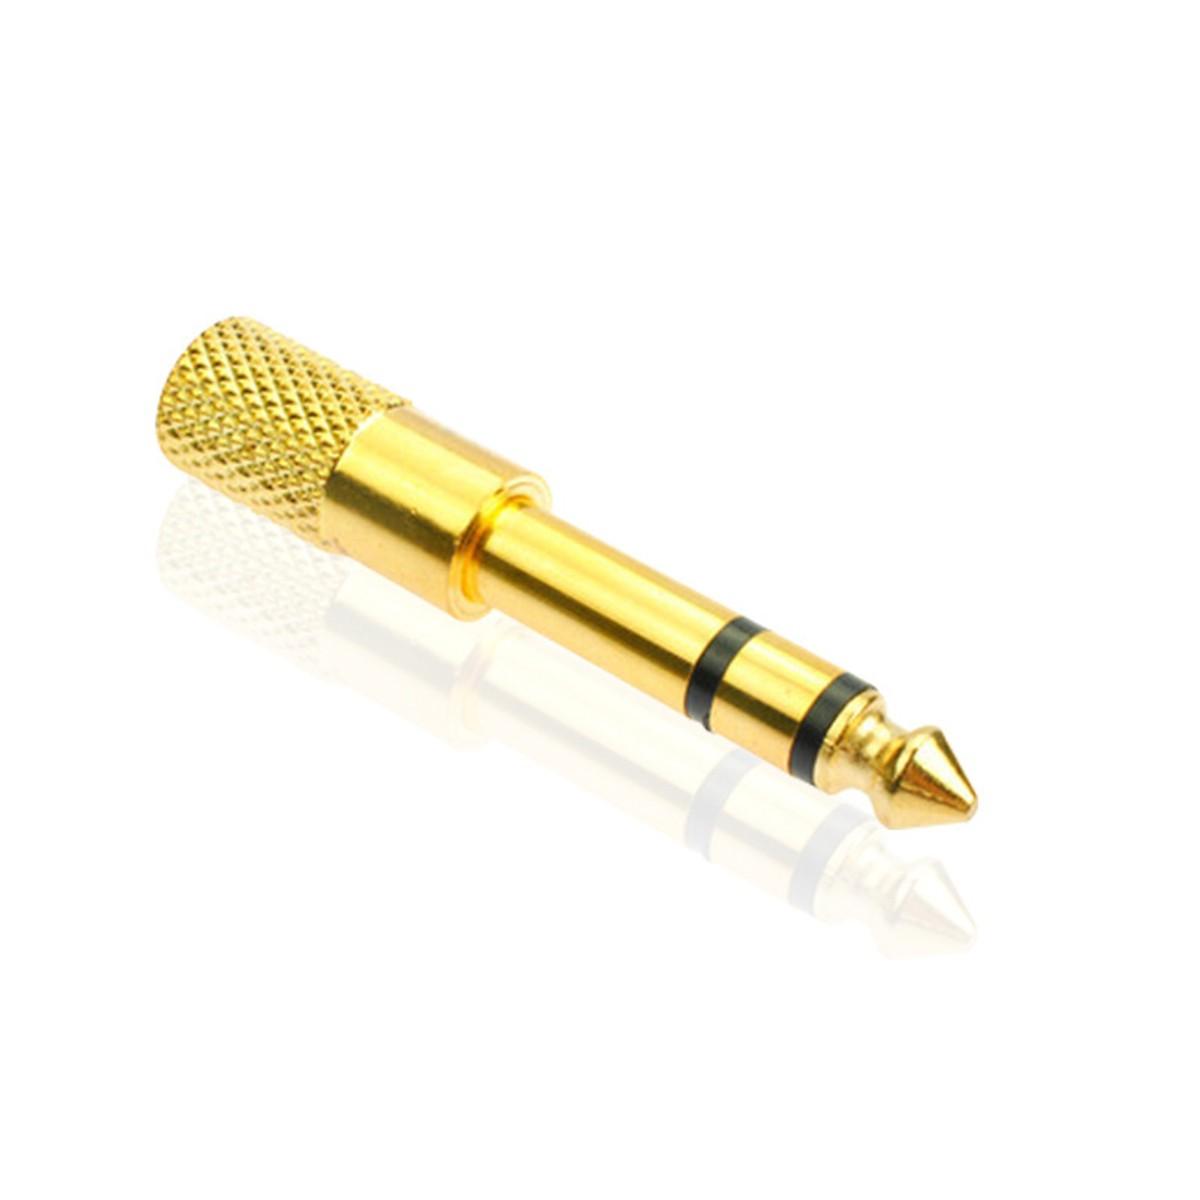 Đầu chuyển đổi âm thanh 6,5mm Dương sang 3,5mm Âm - 3,5mm cái sang 6,5mm đực